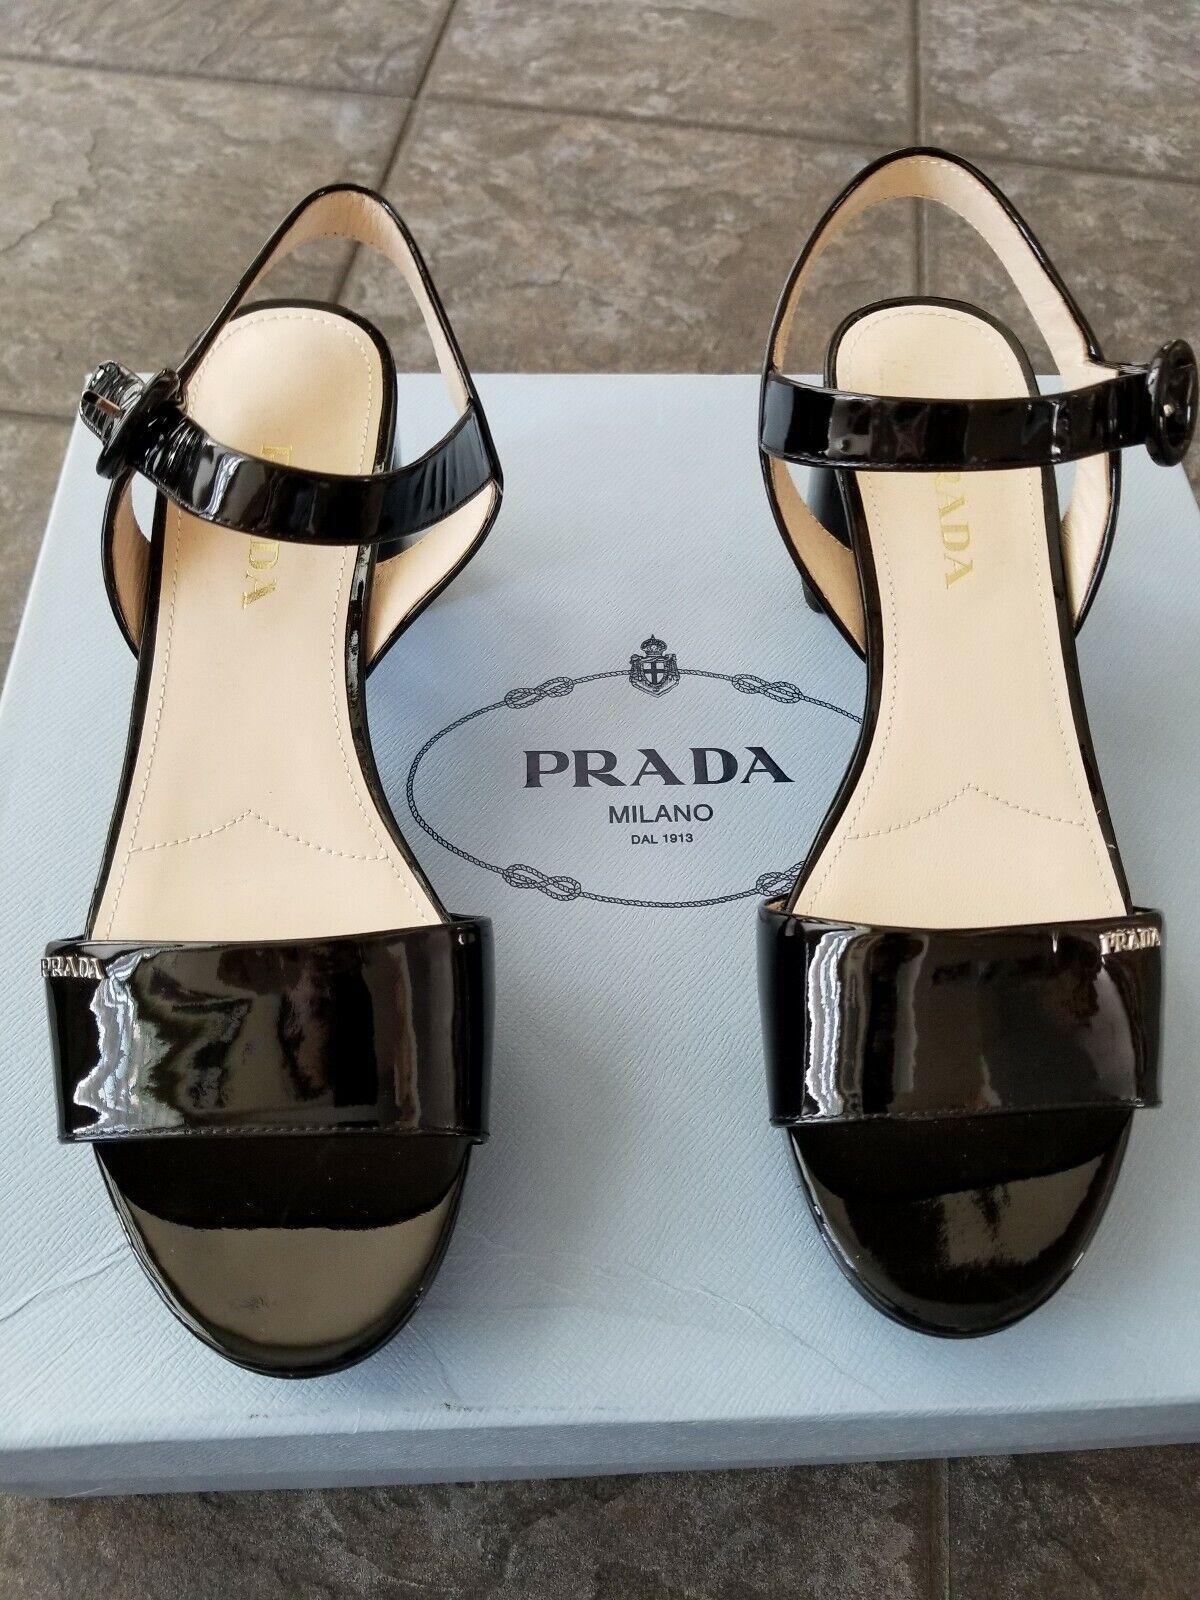 Prada Sandalias De Plataforma Plataforma Plataforma Talla 11  compras en linea